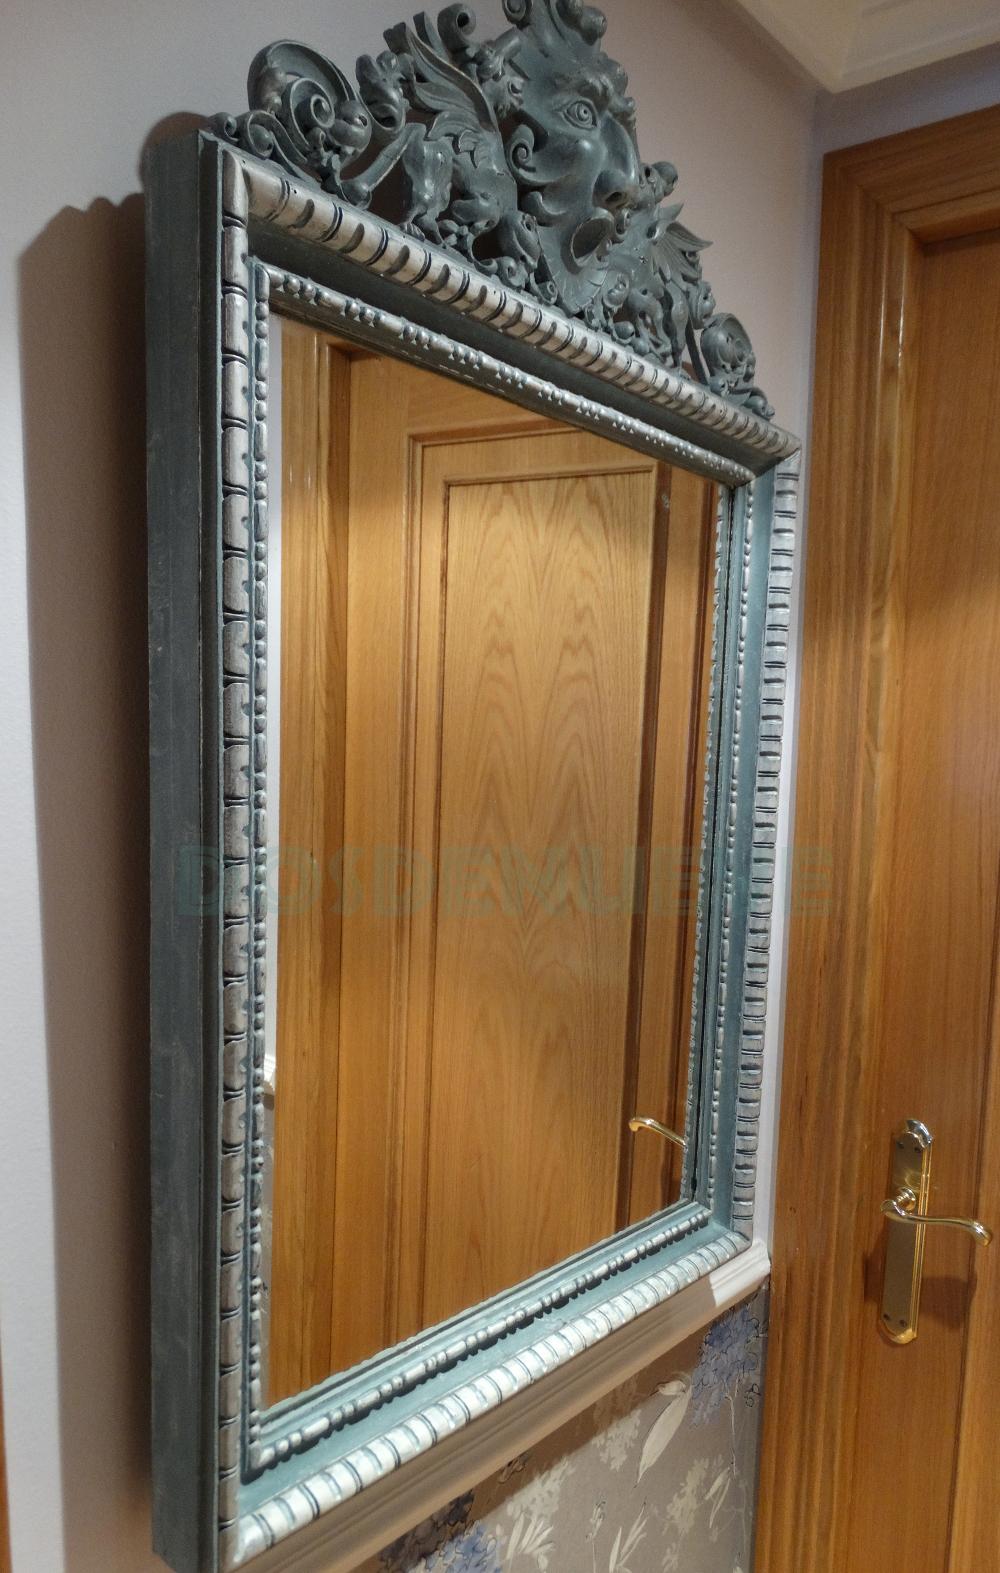 Pintando un espejo antiguo - Espejos antiguos de pared ...